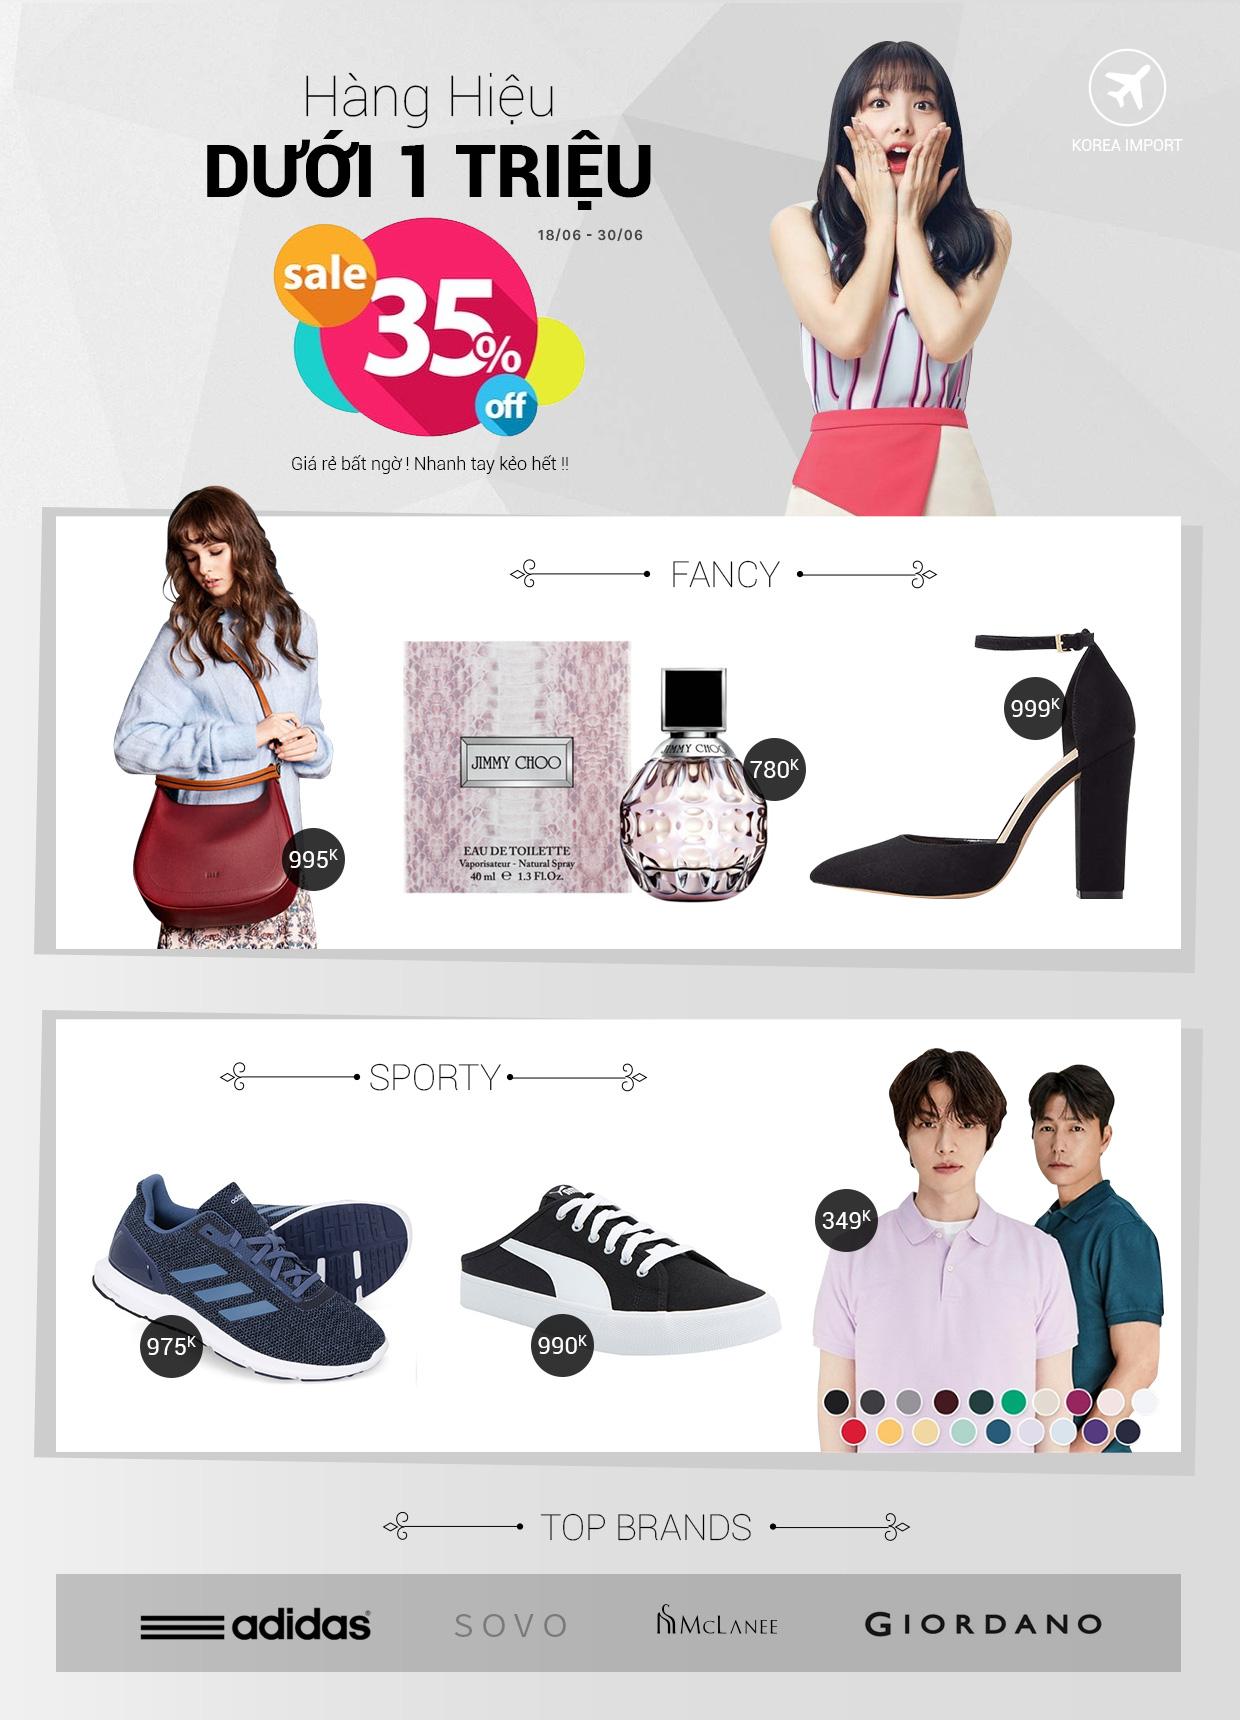 Thời trang Hàn Quốc - Hàng hiệu dưới 1 triệu